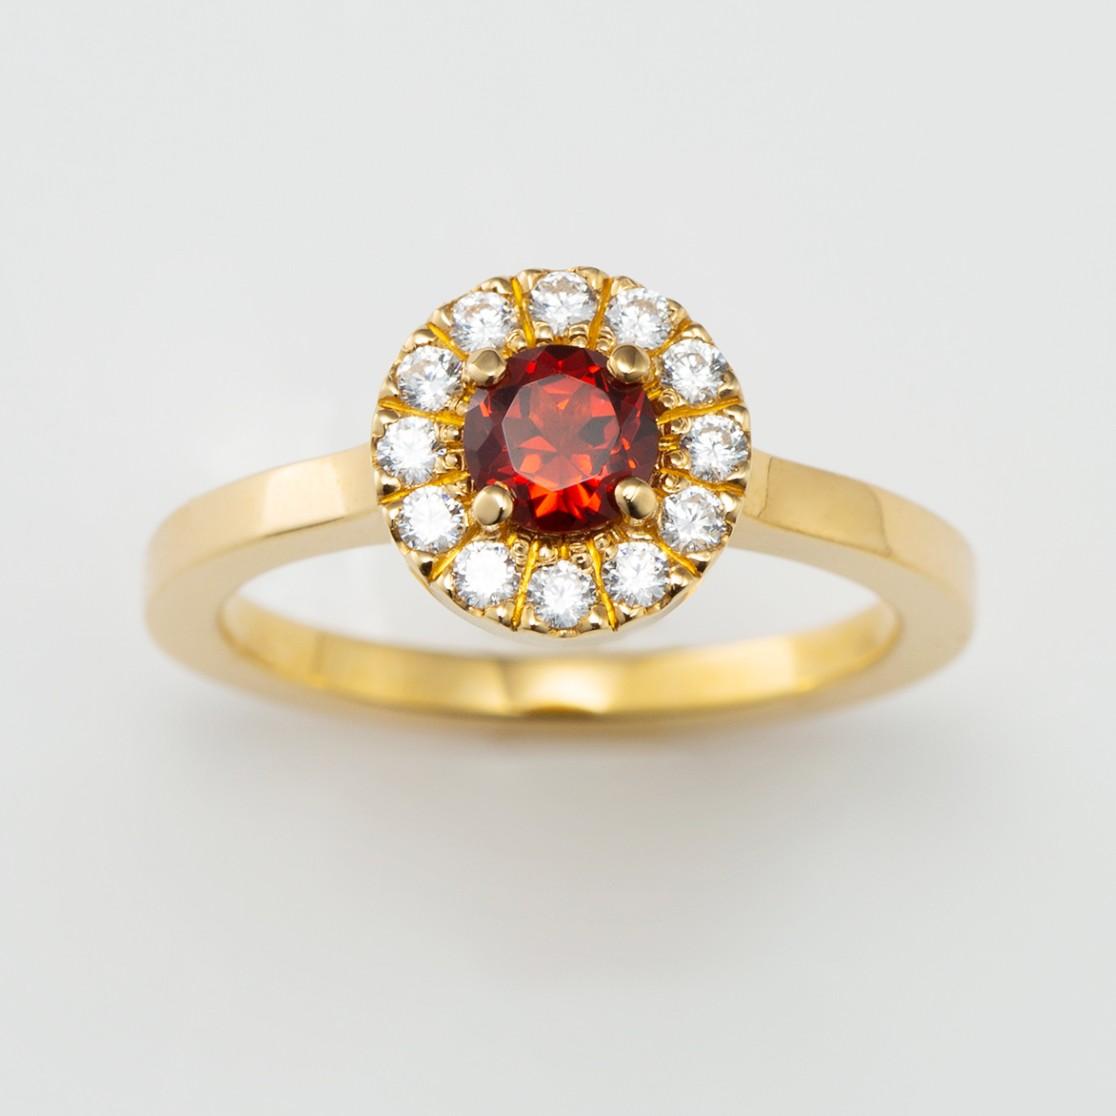 ガーネットが個性的なゴールドのおしゃれな婚約指輪